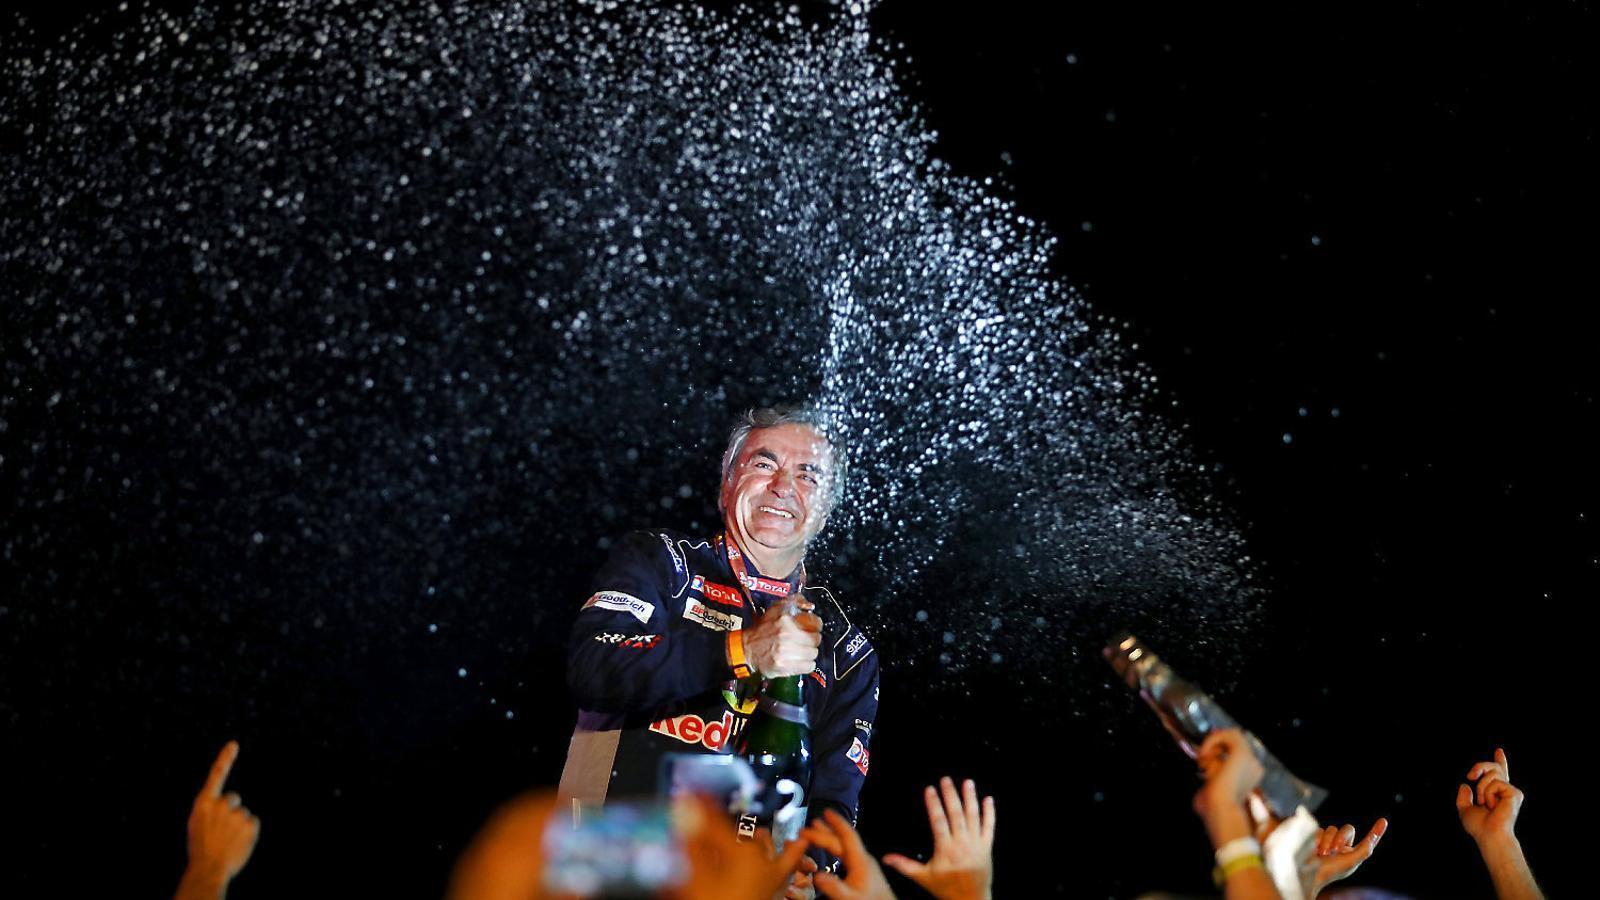 De ser campió d'Espanya d'esquaix a coronar-se al desert